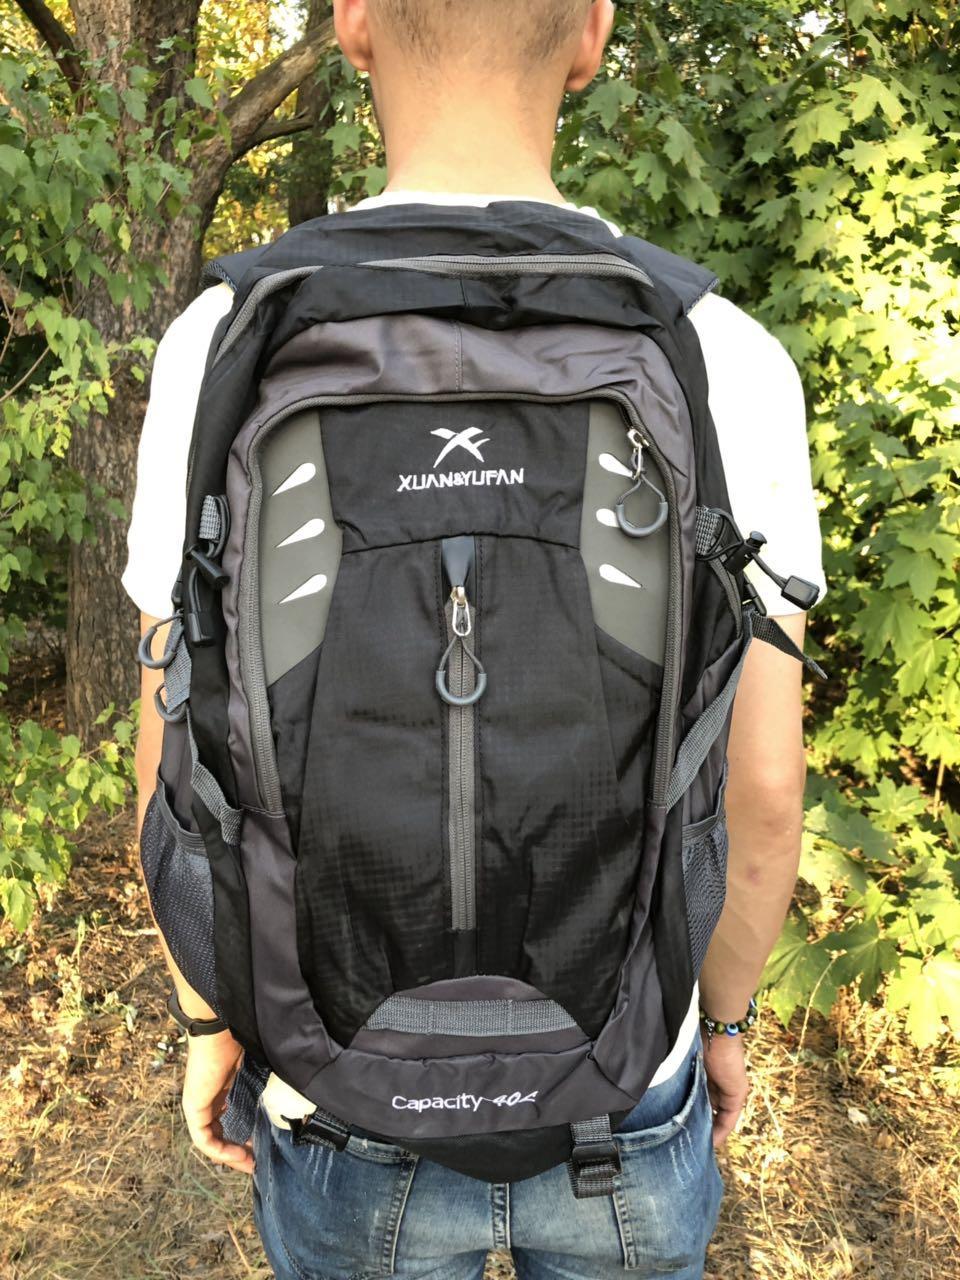 Туристический рюкзак из нейлоновой ткани, 40 литров, цвет черный, крепкий и удобный, большой рюкзак